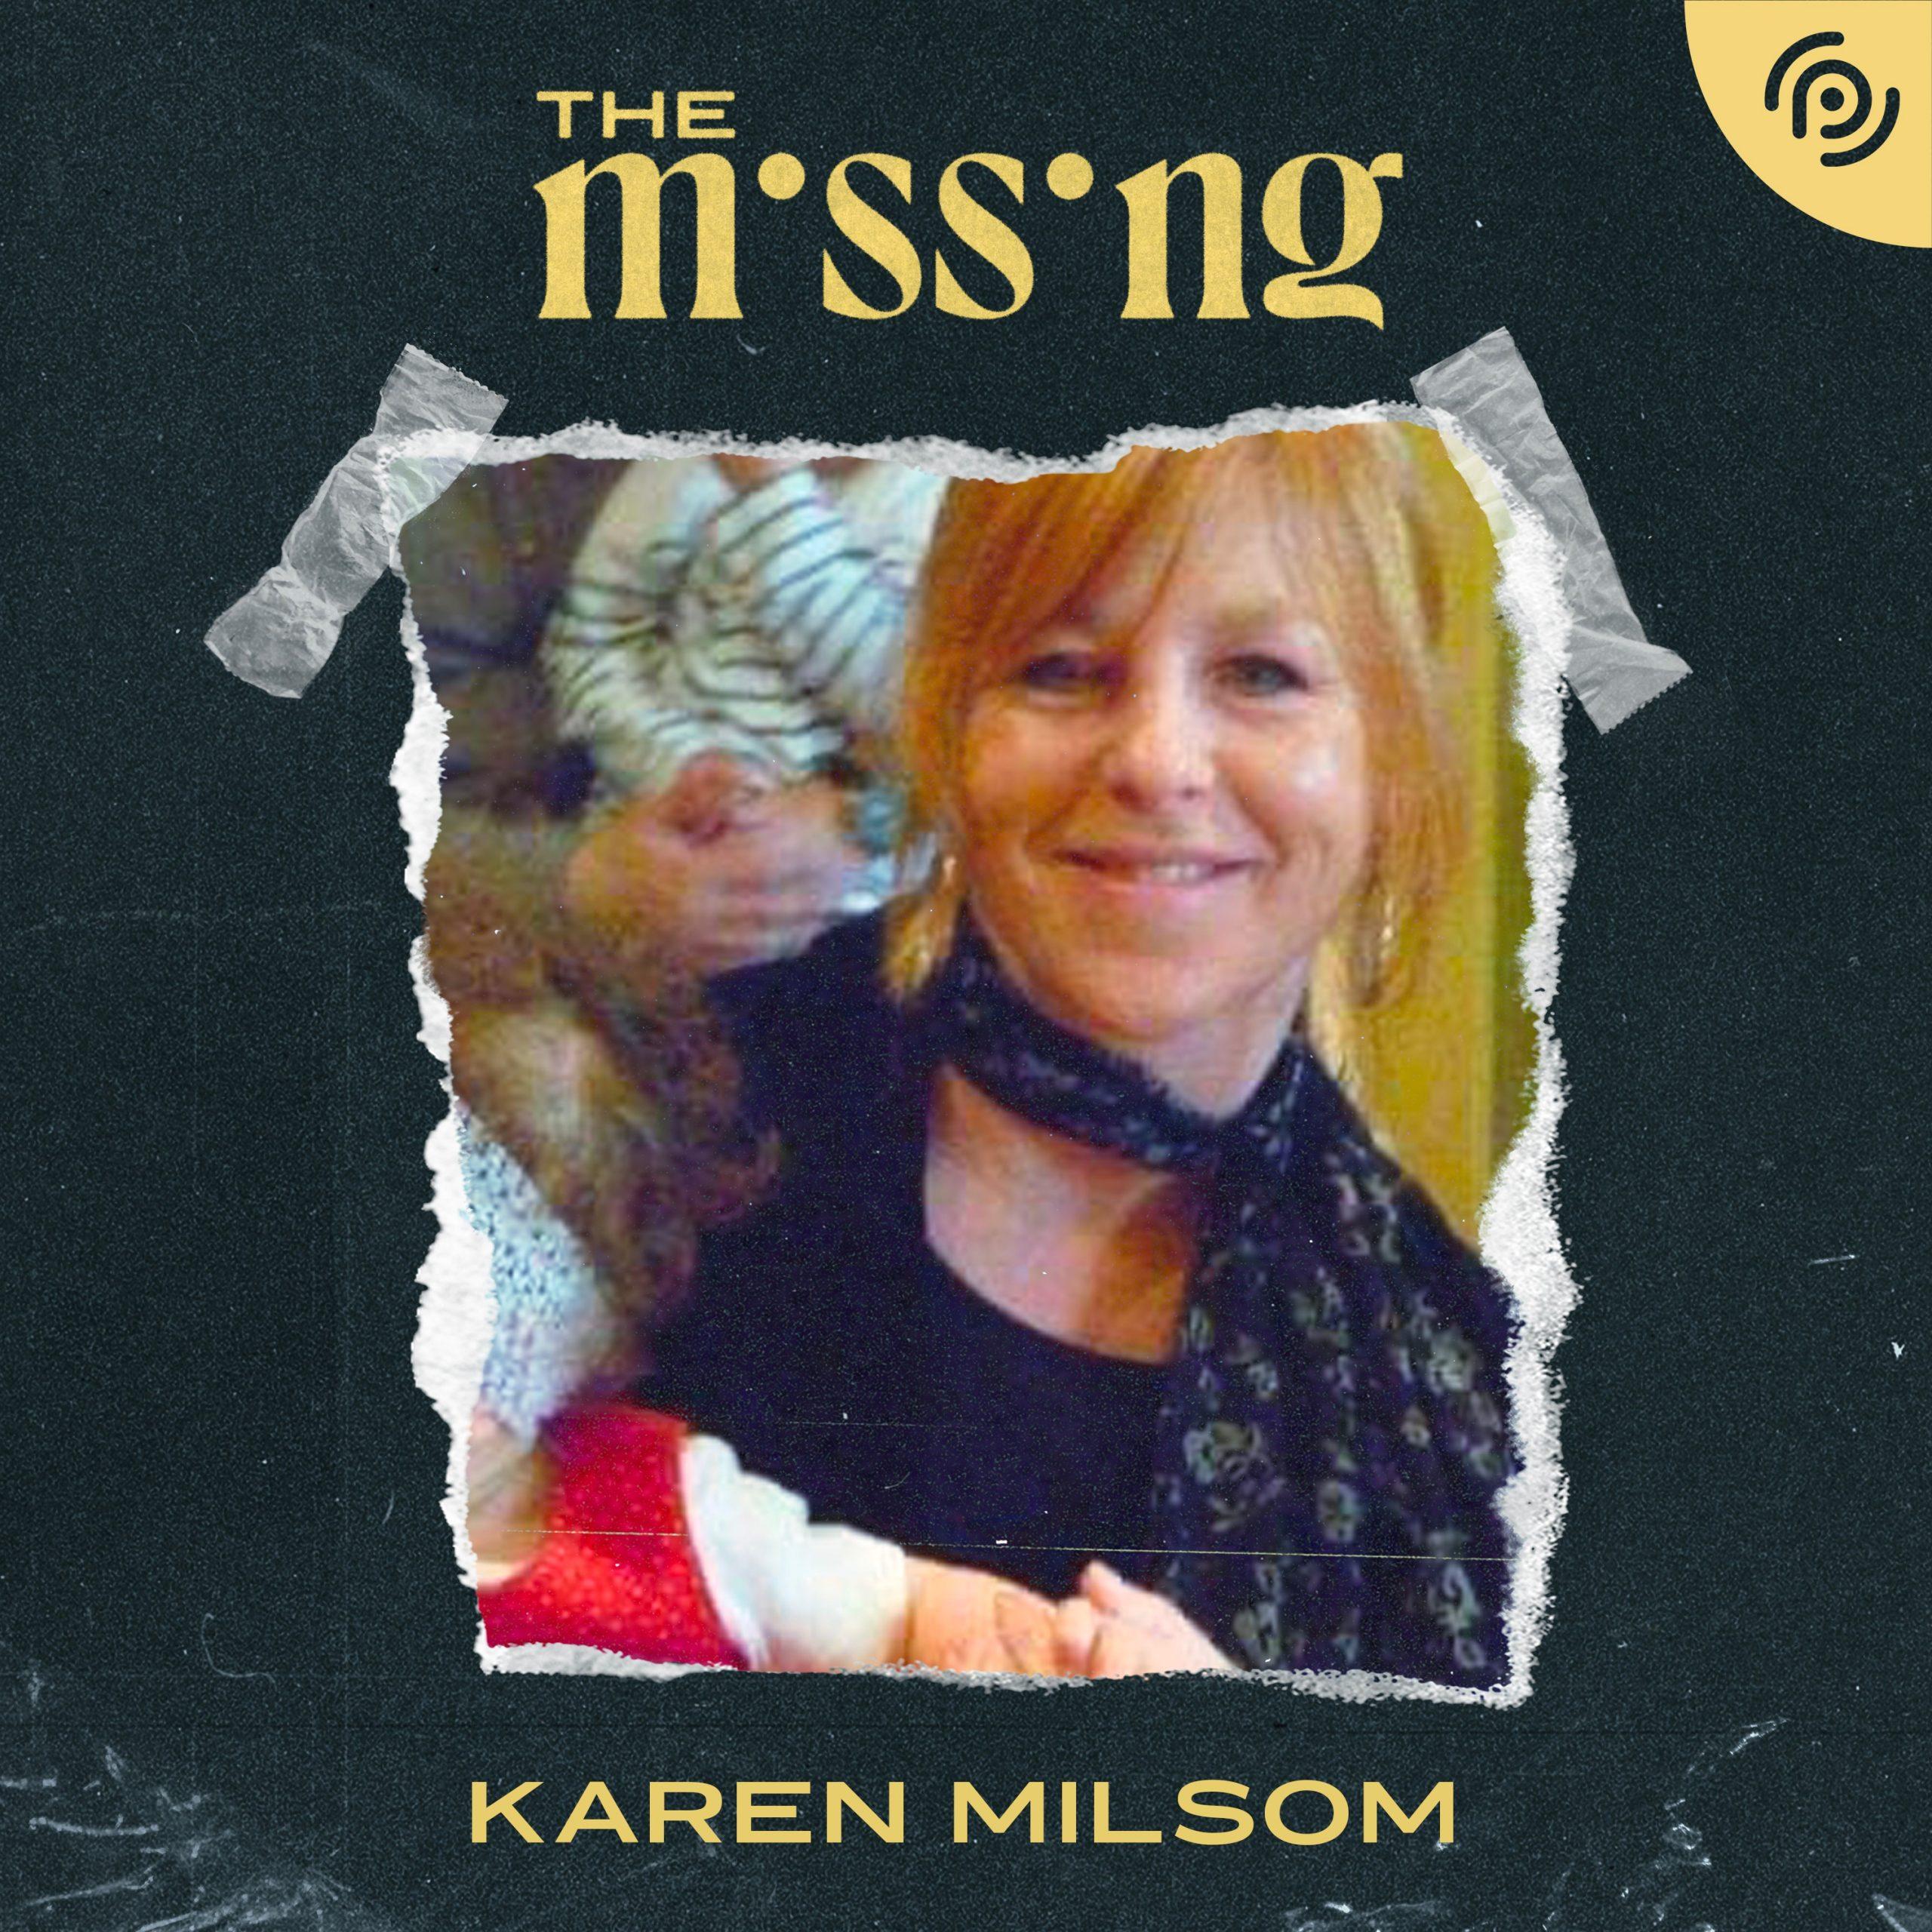 Karen Milsom